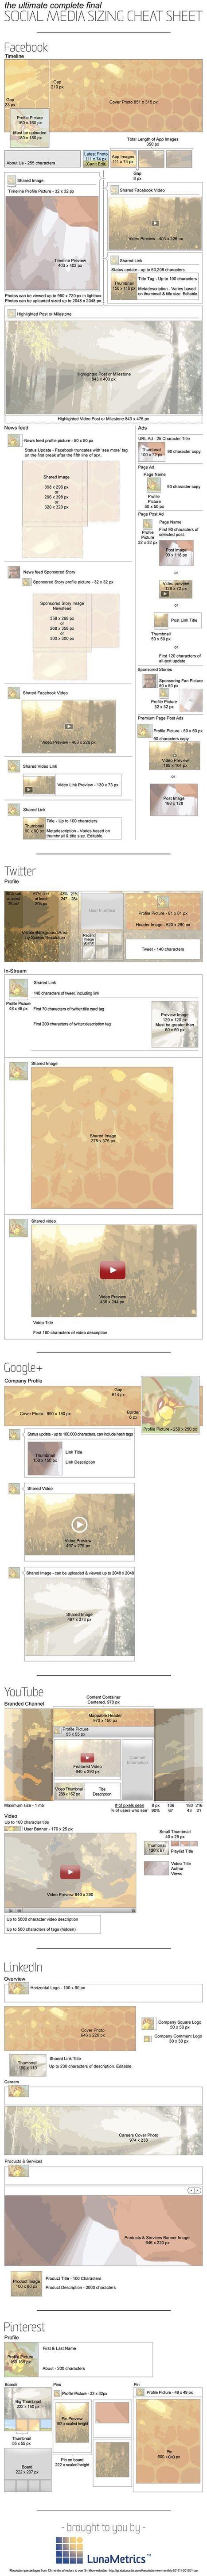 La guía más completa de tamaños de imágenes, vídeo y más para las redes sociales | VIM | Scoop.it